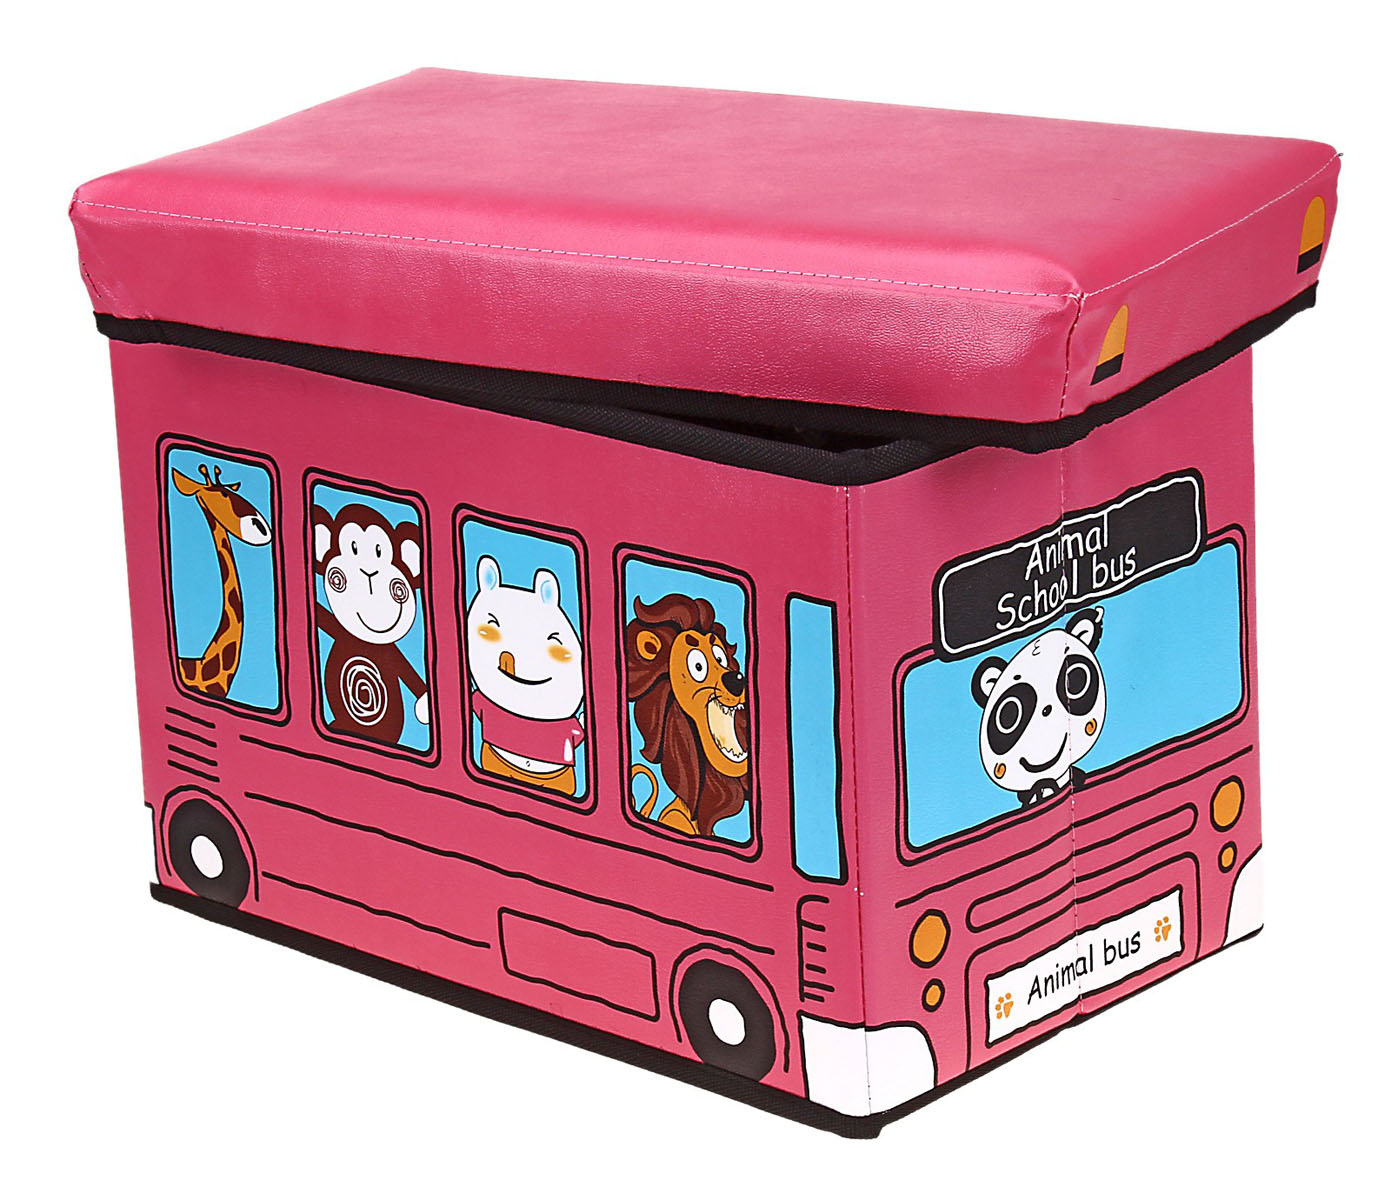 Коробка для хранения Sima-land Автобус с животными, цвет: розовый, 40 см х 25 см х 25 см10850/1W GOLD IVORYКоробка для хранения Sima-land Автобус с животными изготовлена из искусственной кожи и картона. Коробка имеет съемную, мягкую крышку. Материал коробки позволяет сохранять естественную вентиляцию, а воздуху свободно проникать внутрь, не пропуская пыль. Благодаря специальным вставкам, коробка прекрасно держит форму, что позволяет ее использовать как дополнительное посадочное место для ребенка. Эстетичный дизайн коробки понравиться вашему ребенку. Компактные габариты коробки не загромождают помещение. Коробку можно хранить в обычном шкафу. Внутренняя емкость позволяет хранить внутри игрушки, книжки и прочие предметы. Мобильность конструкции обеспечивает складывание и раскладывание одним движением.Коробка Sima-land Автобус с животными поможет хранить игрушки все в одном месте, а также защитить их от пыли, грязи и влаги. Размер коробки: 40 см х 25 см х 25 см.